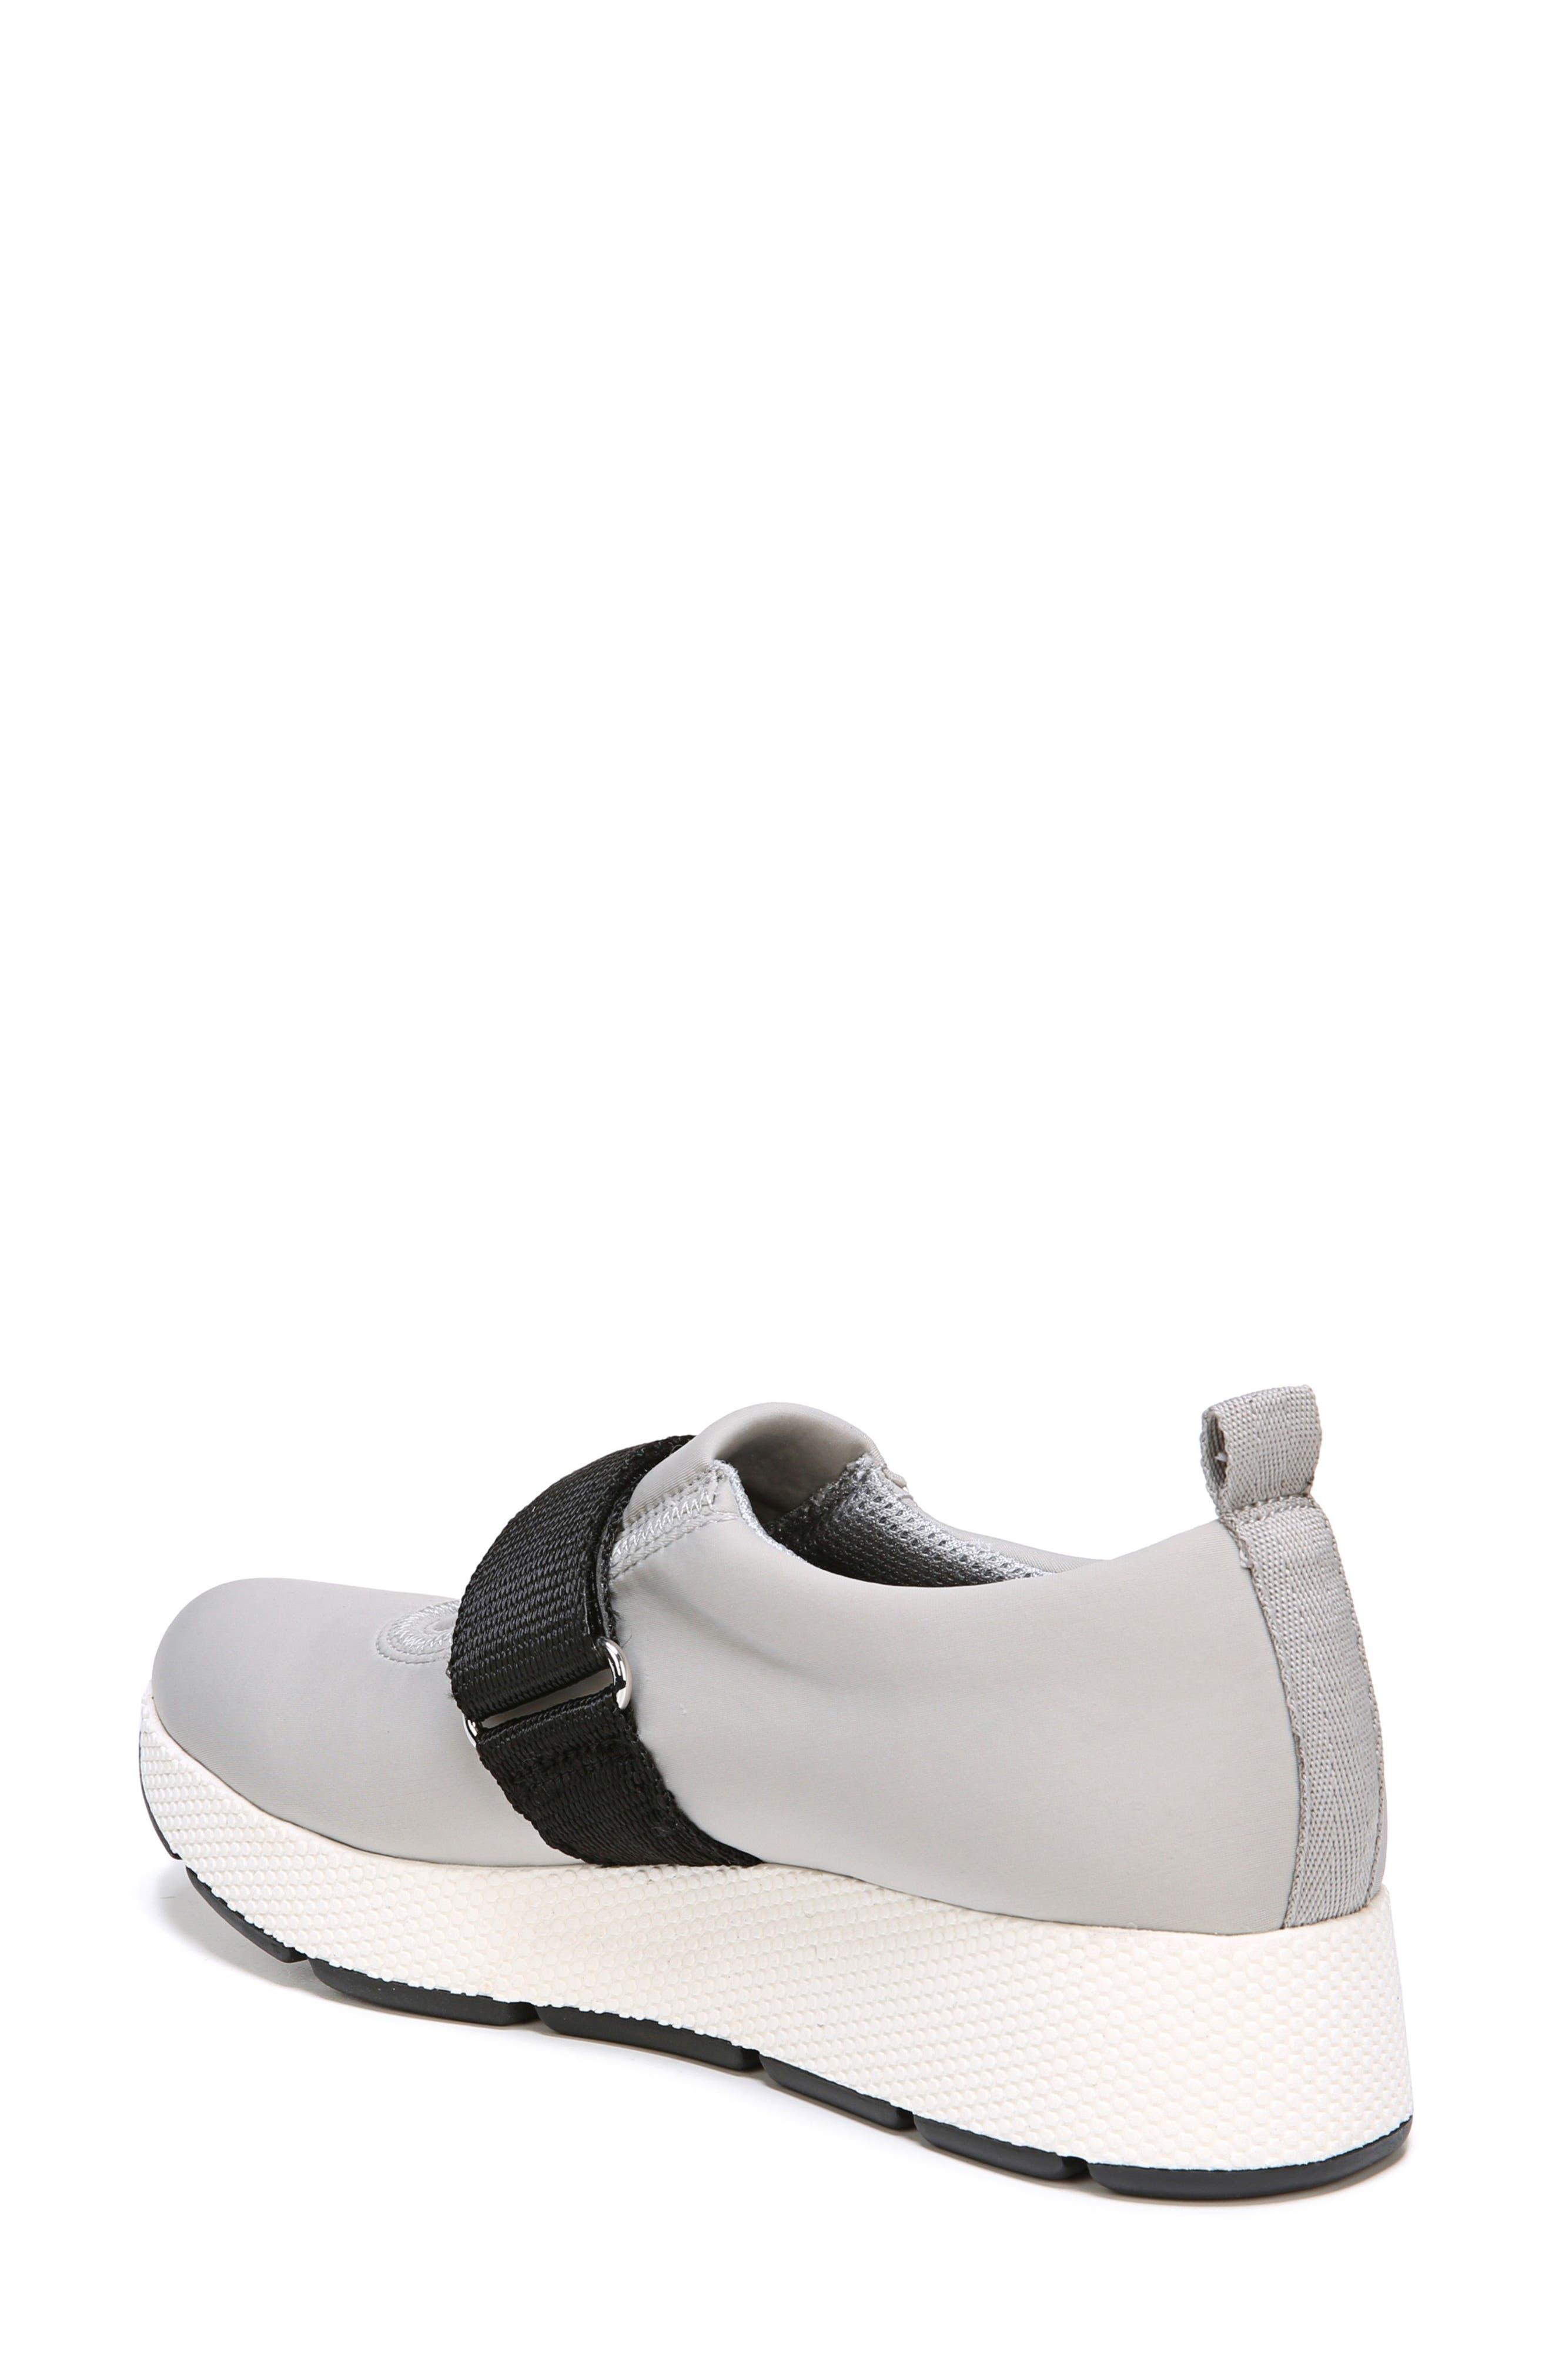 Odella Slip-On Sneaker,                             Alternate thumbnail 7, color,